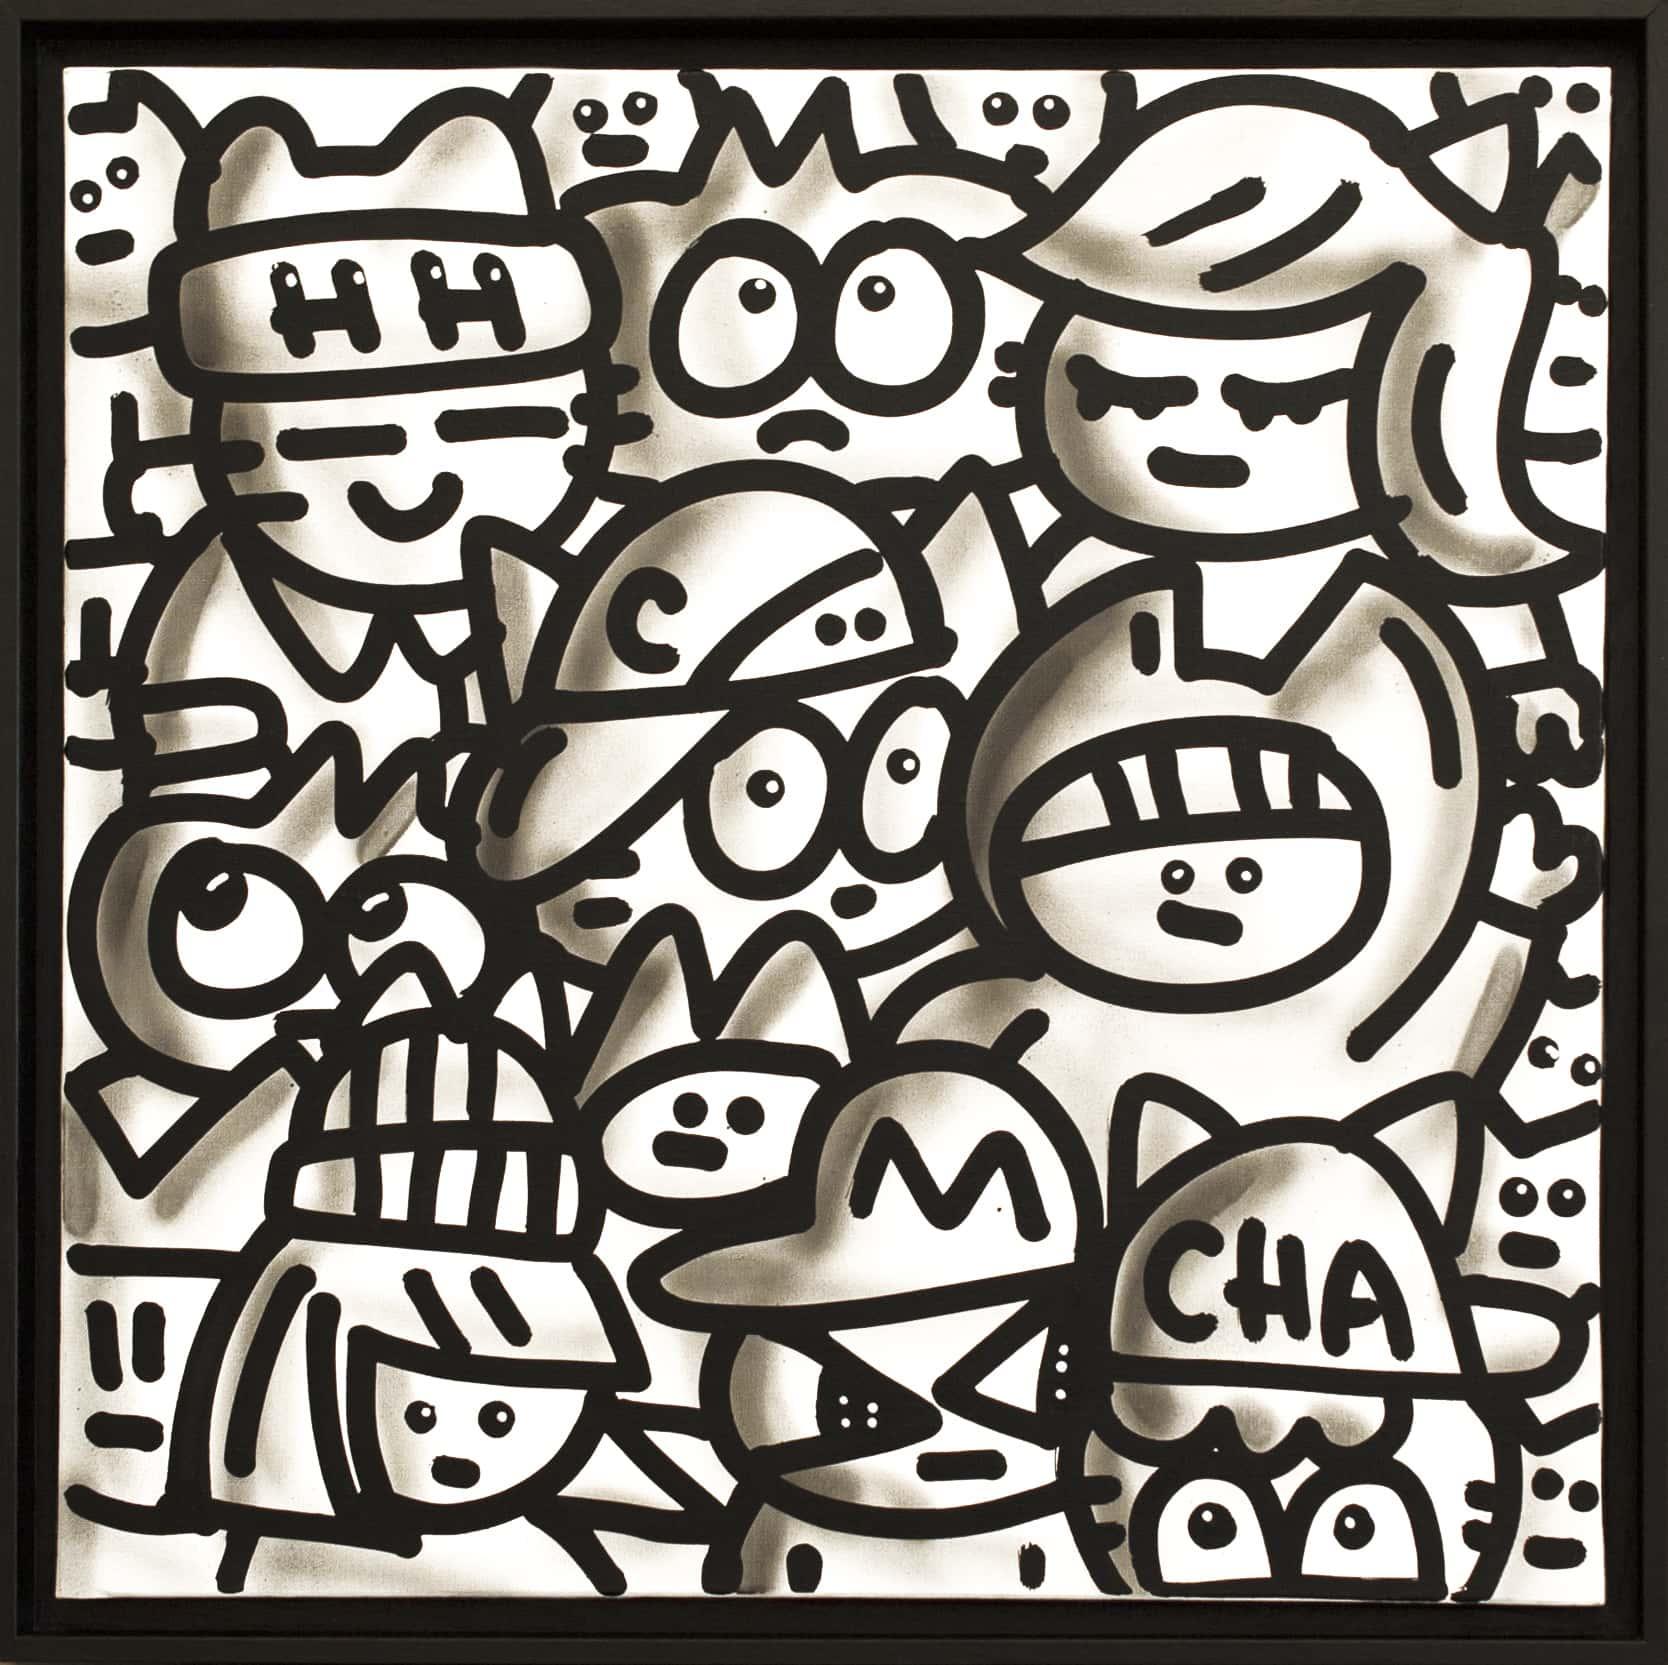 Galerie Art Jingle CHANOIR Black Black White Chas 60 x 60 cm 2021